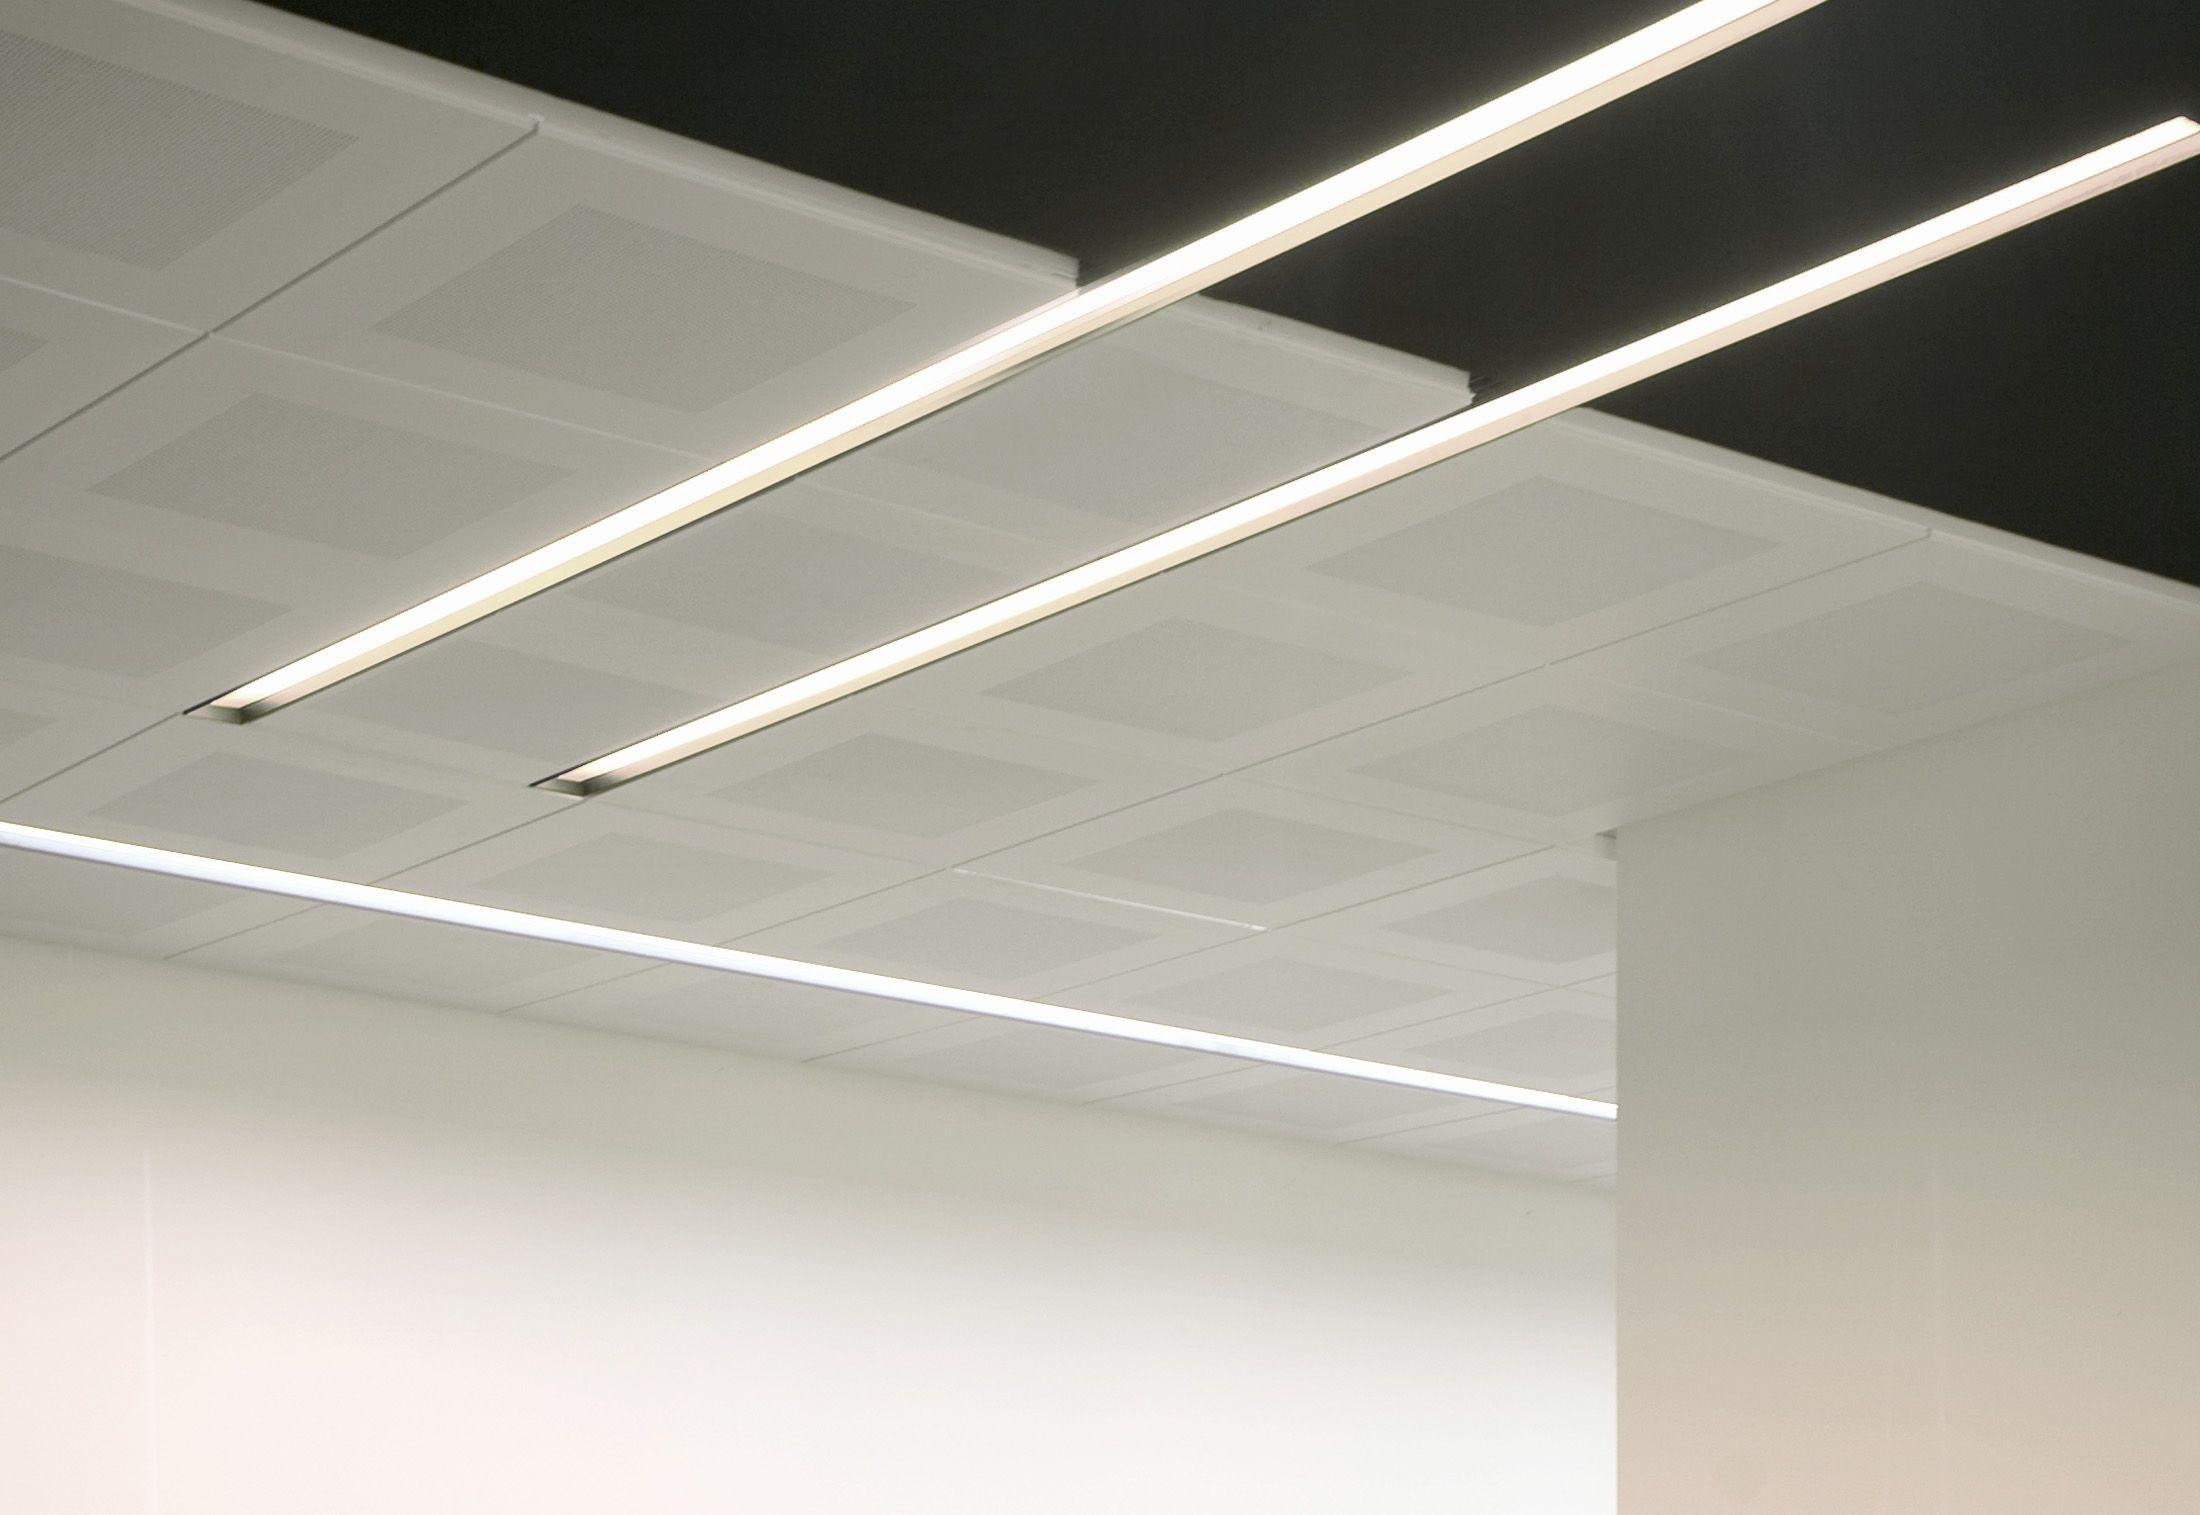 Ziemlich Installation Von Deckeneinbauleuchten Bilder - Elektrische ...